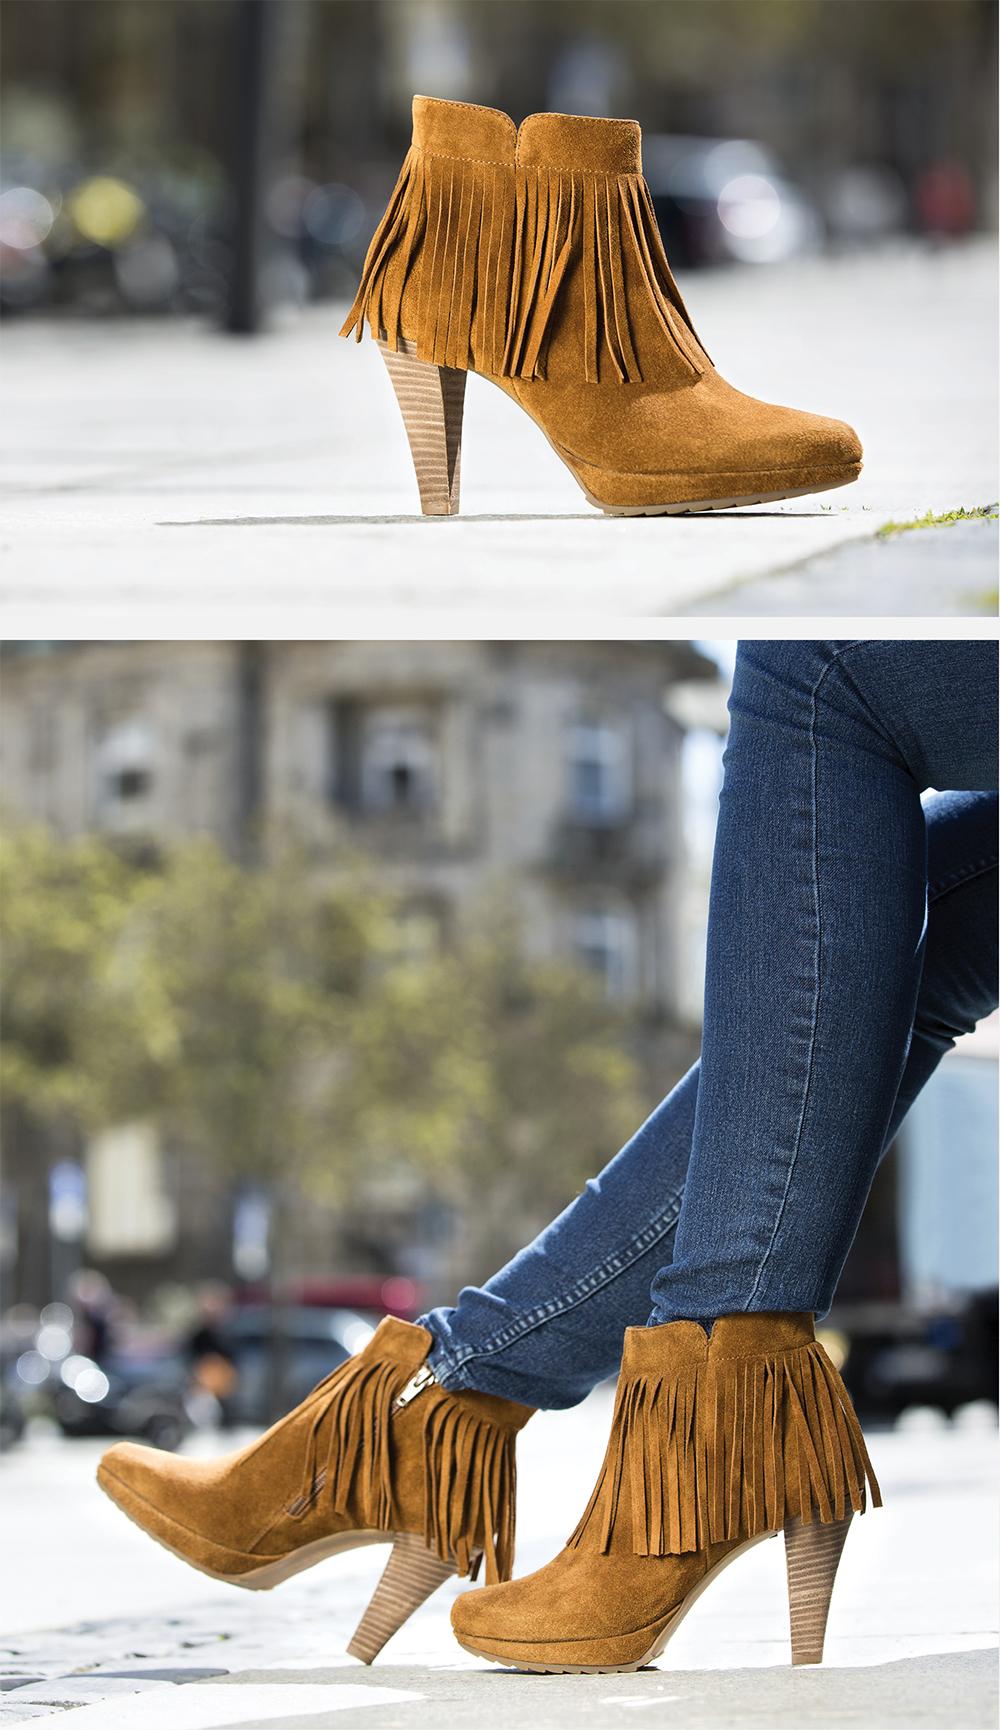 Riegg_und_Partner_Fotostudio_Schuhfotografie Schuh Muecke